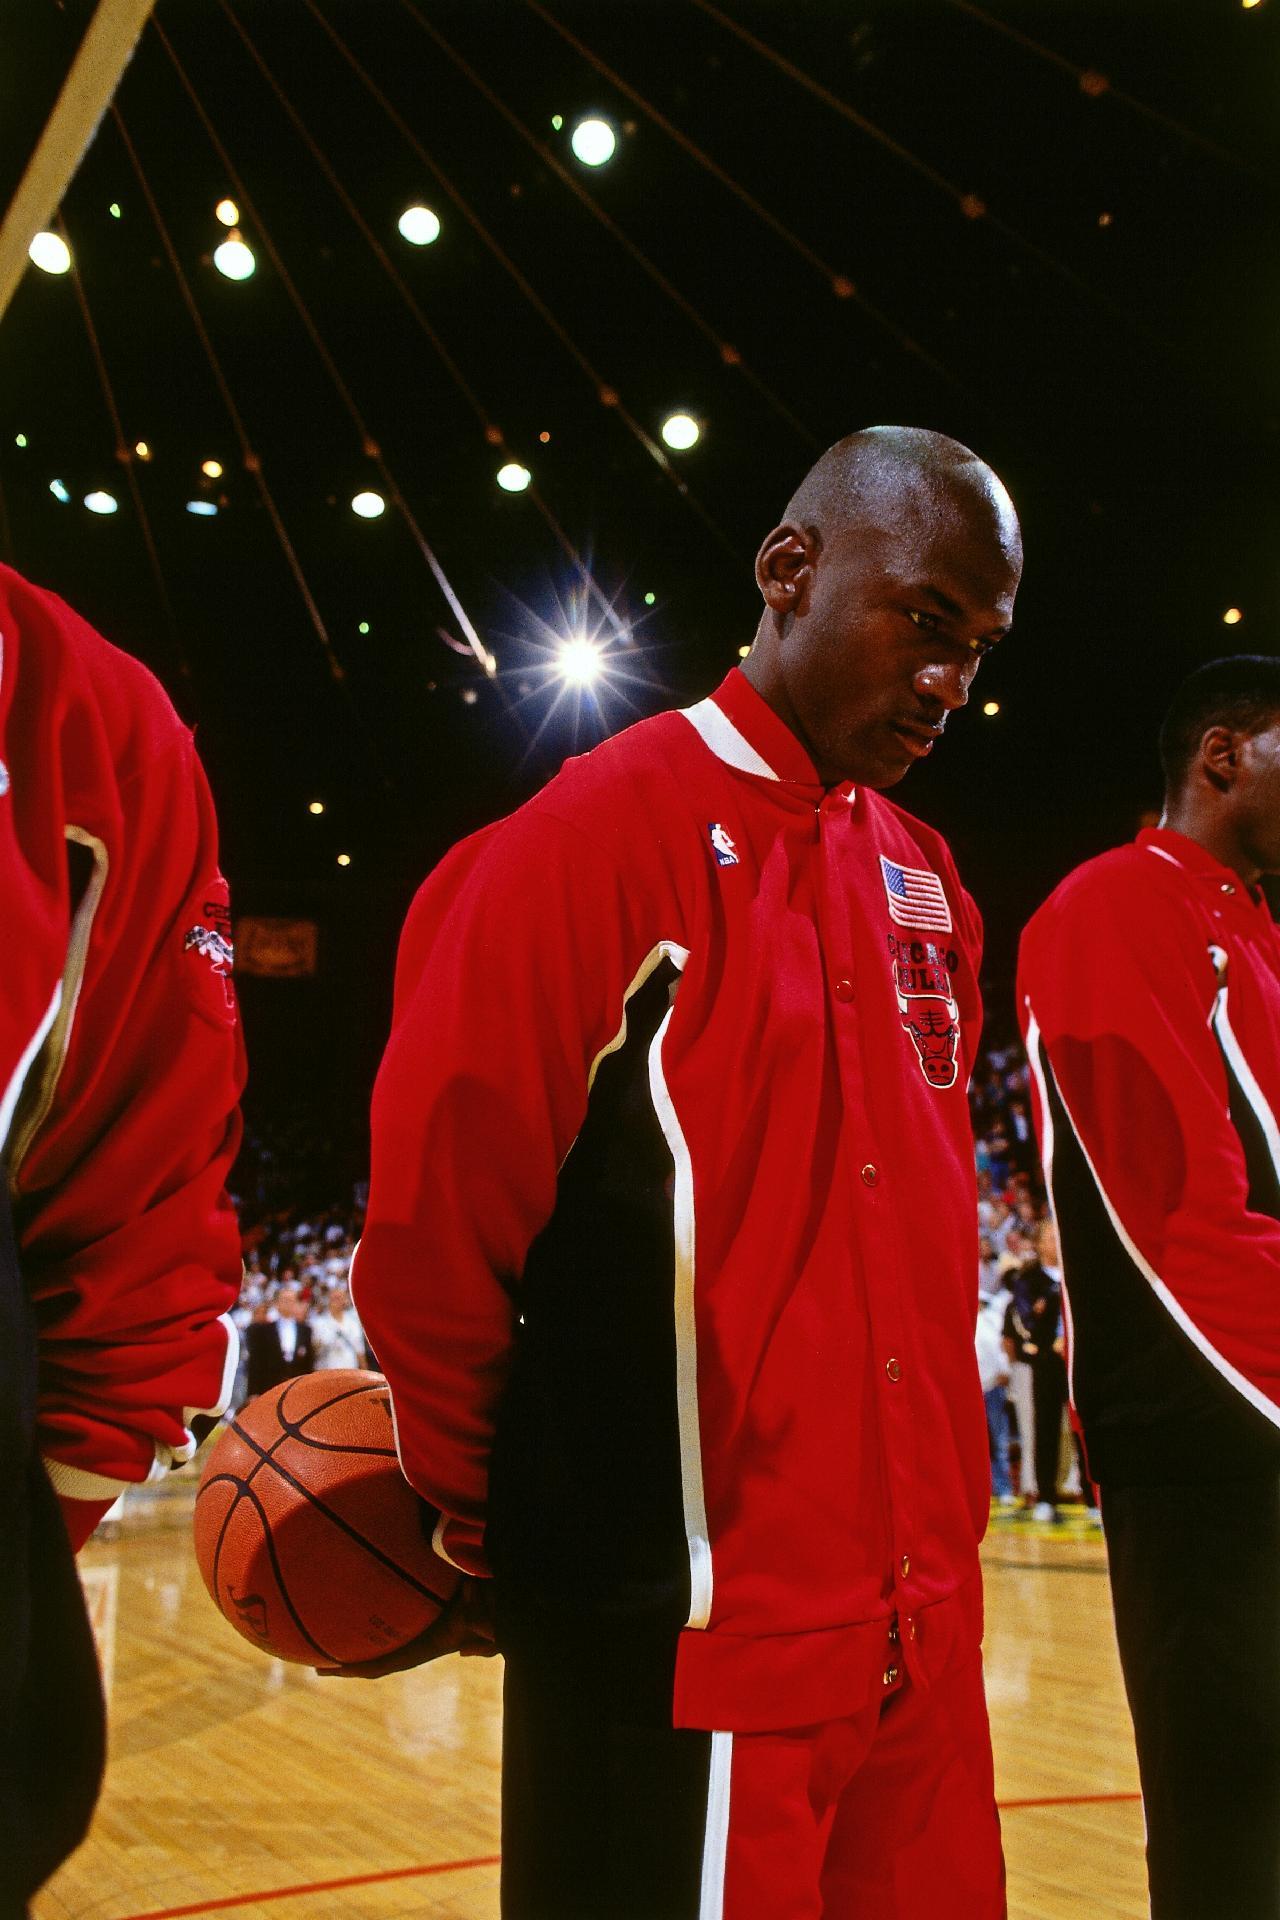 desconcertado hierba Aviación  Michael Jordan: Qual a altura, idade e tudo sobre ele